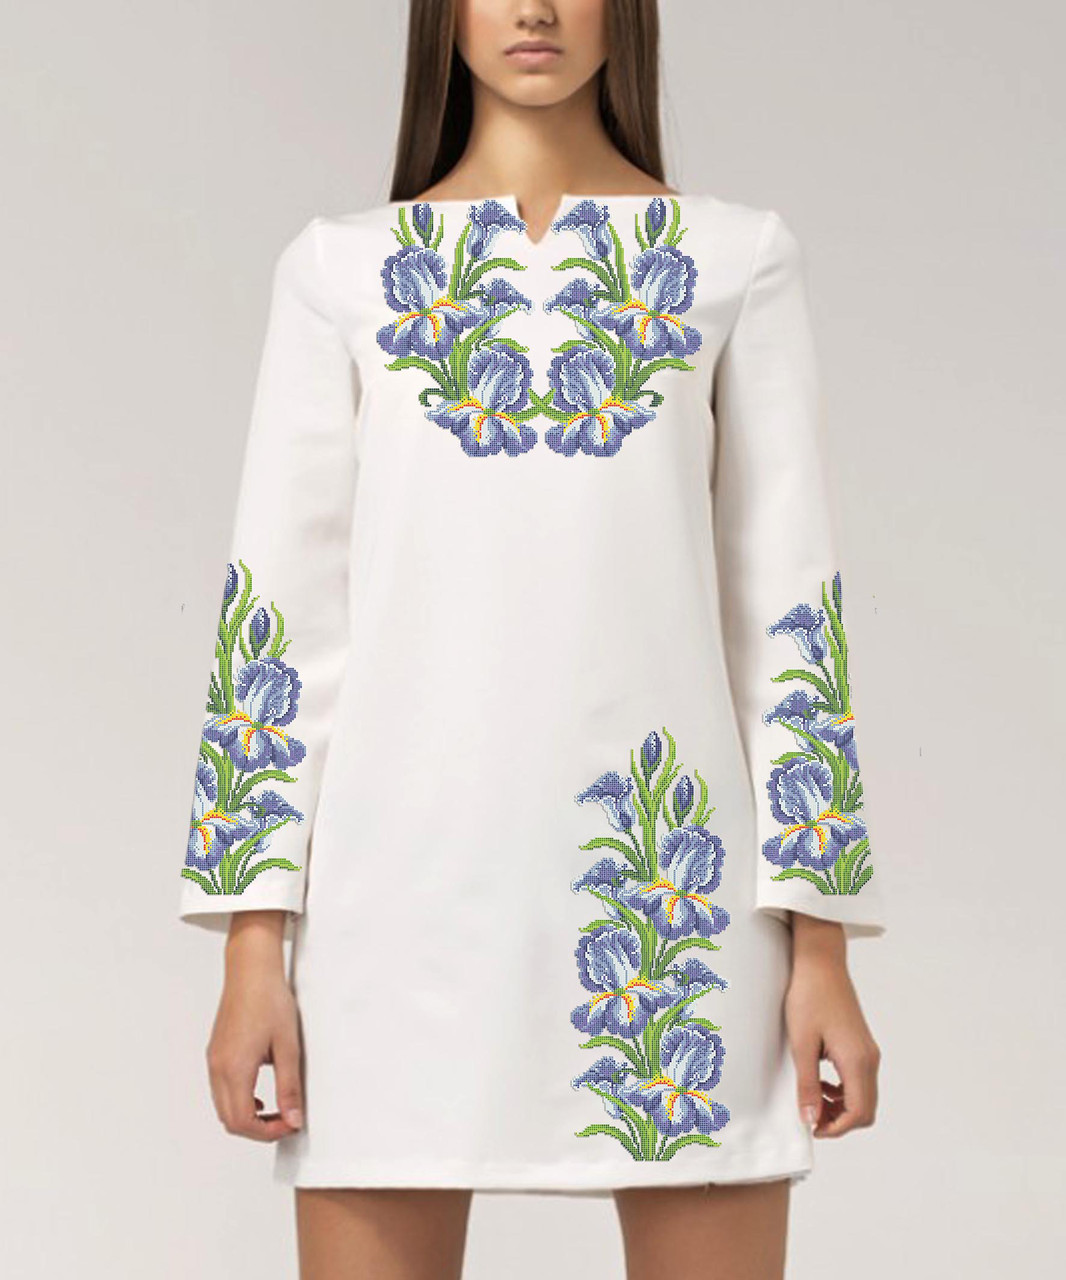 Заготовка женского платья для вышивки / вышивания бисером / ниткой «Іриси 03»